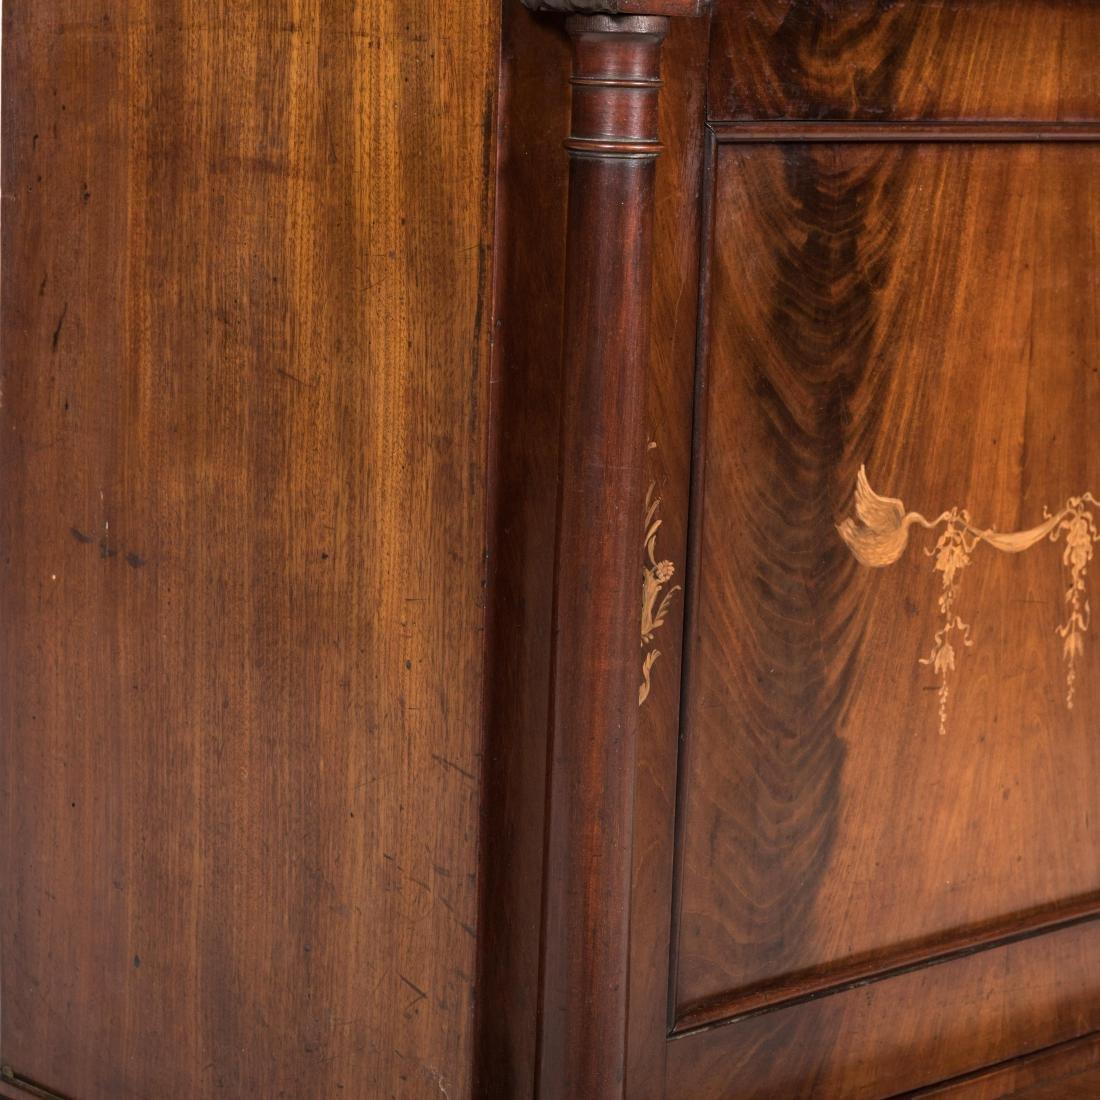 Inlaid Mahogany Antique Cabinet - 3